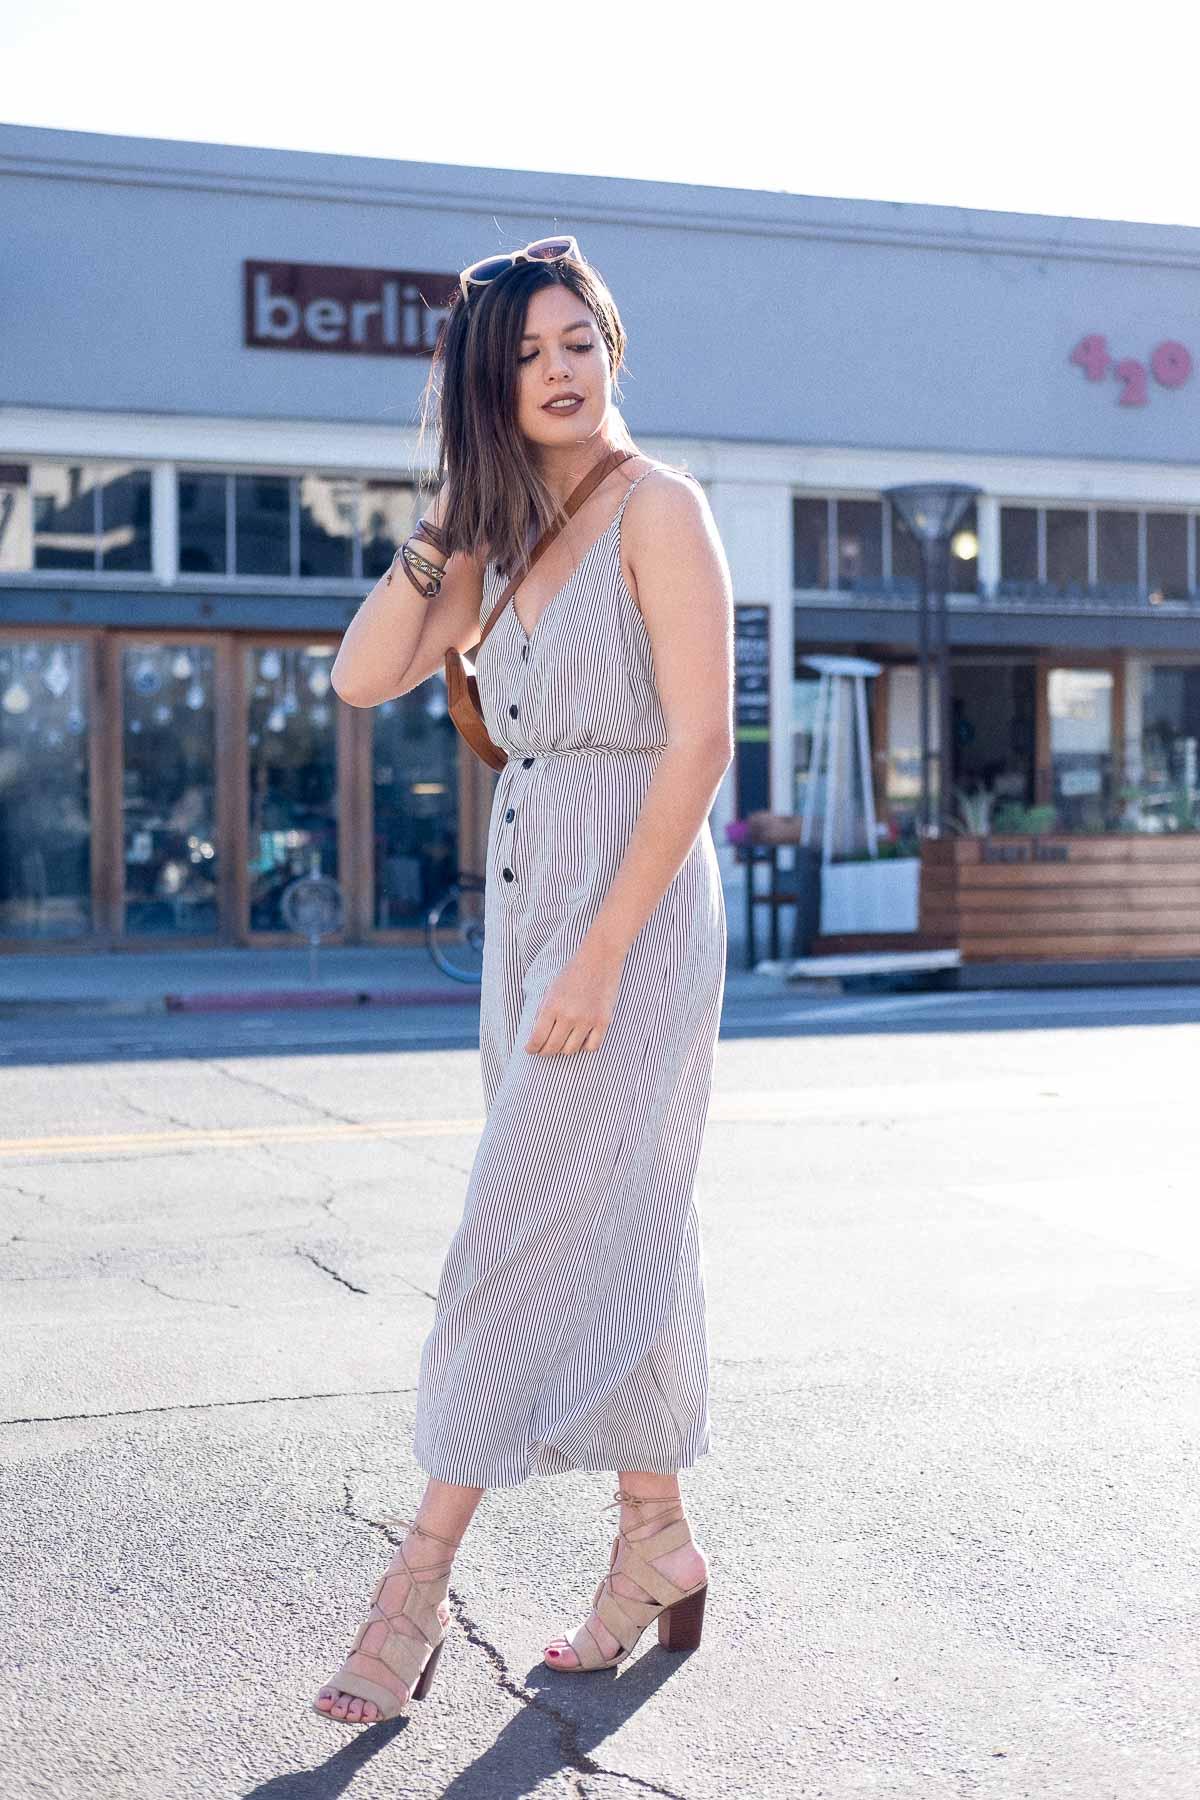 Rachel Off Duty: Women Outside Coffee Shop